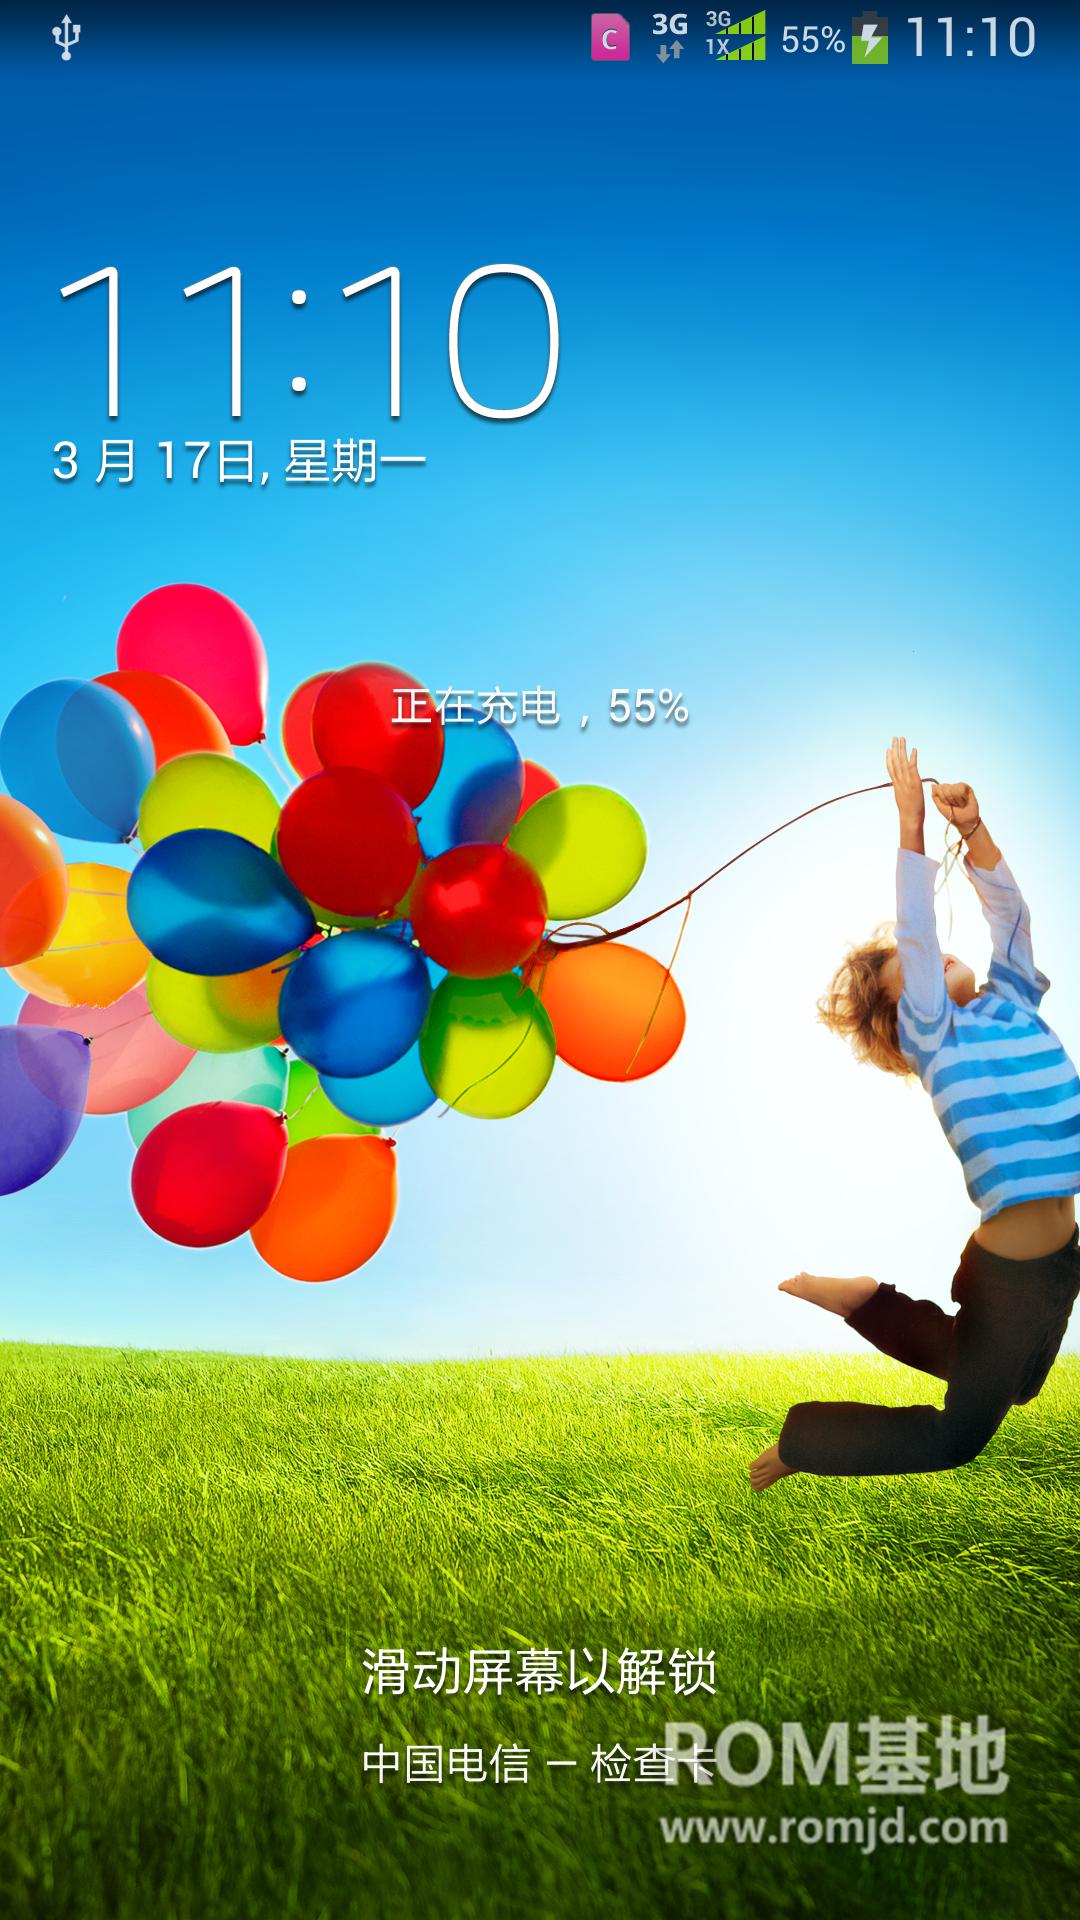 国行电信版三星Galaxy S 4 (CDMA) I959CTCHNG1 4.4.2 最新官方刷机包